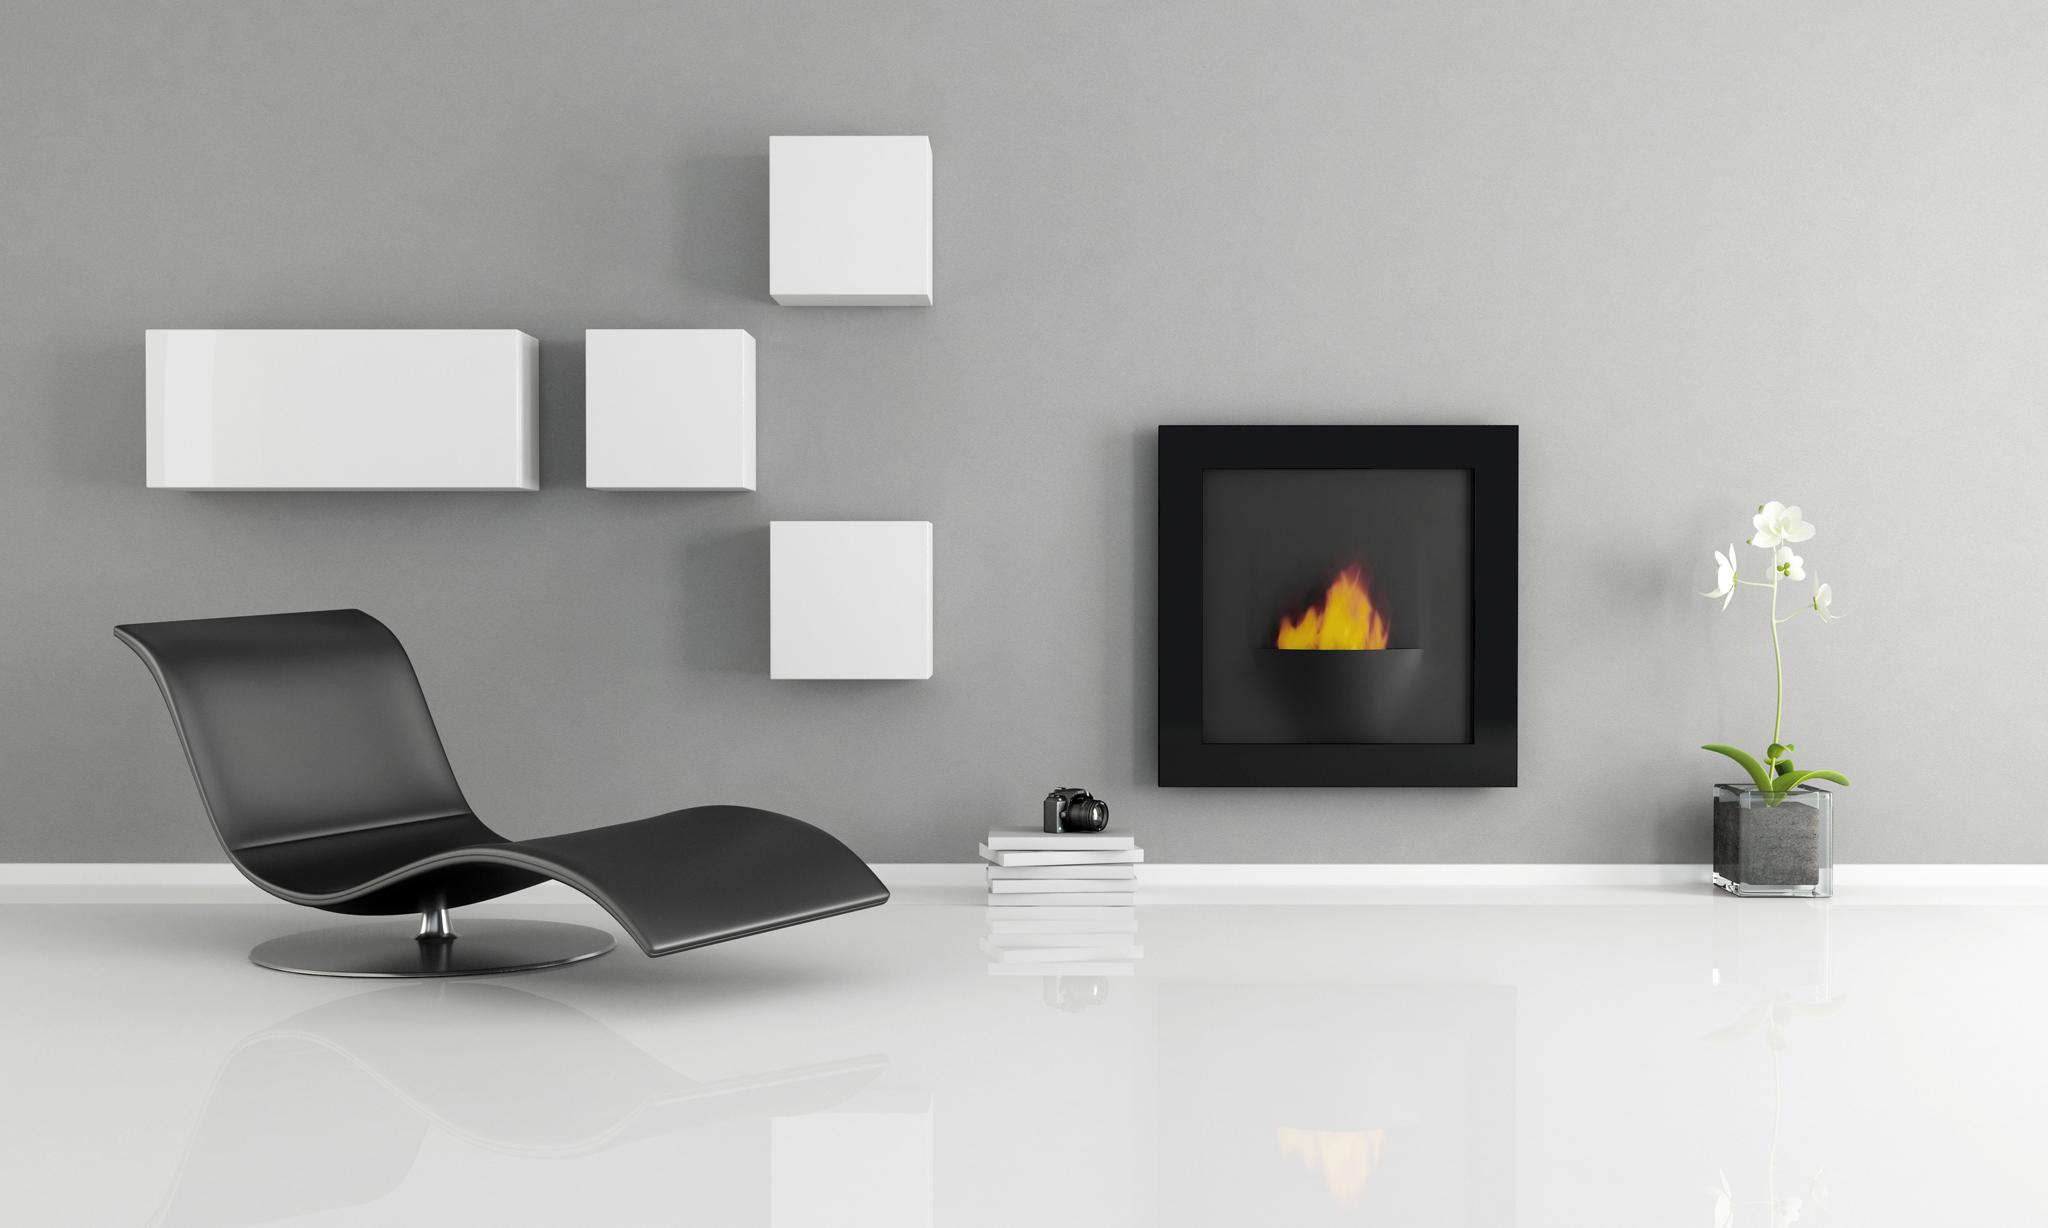 pourquoi choisir une chemin e gaz lorraine magazine. Black Bedroom Furniture Sets. Home Design Ideas